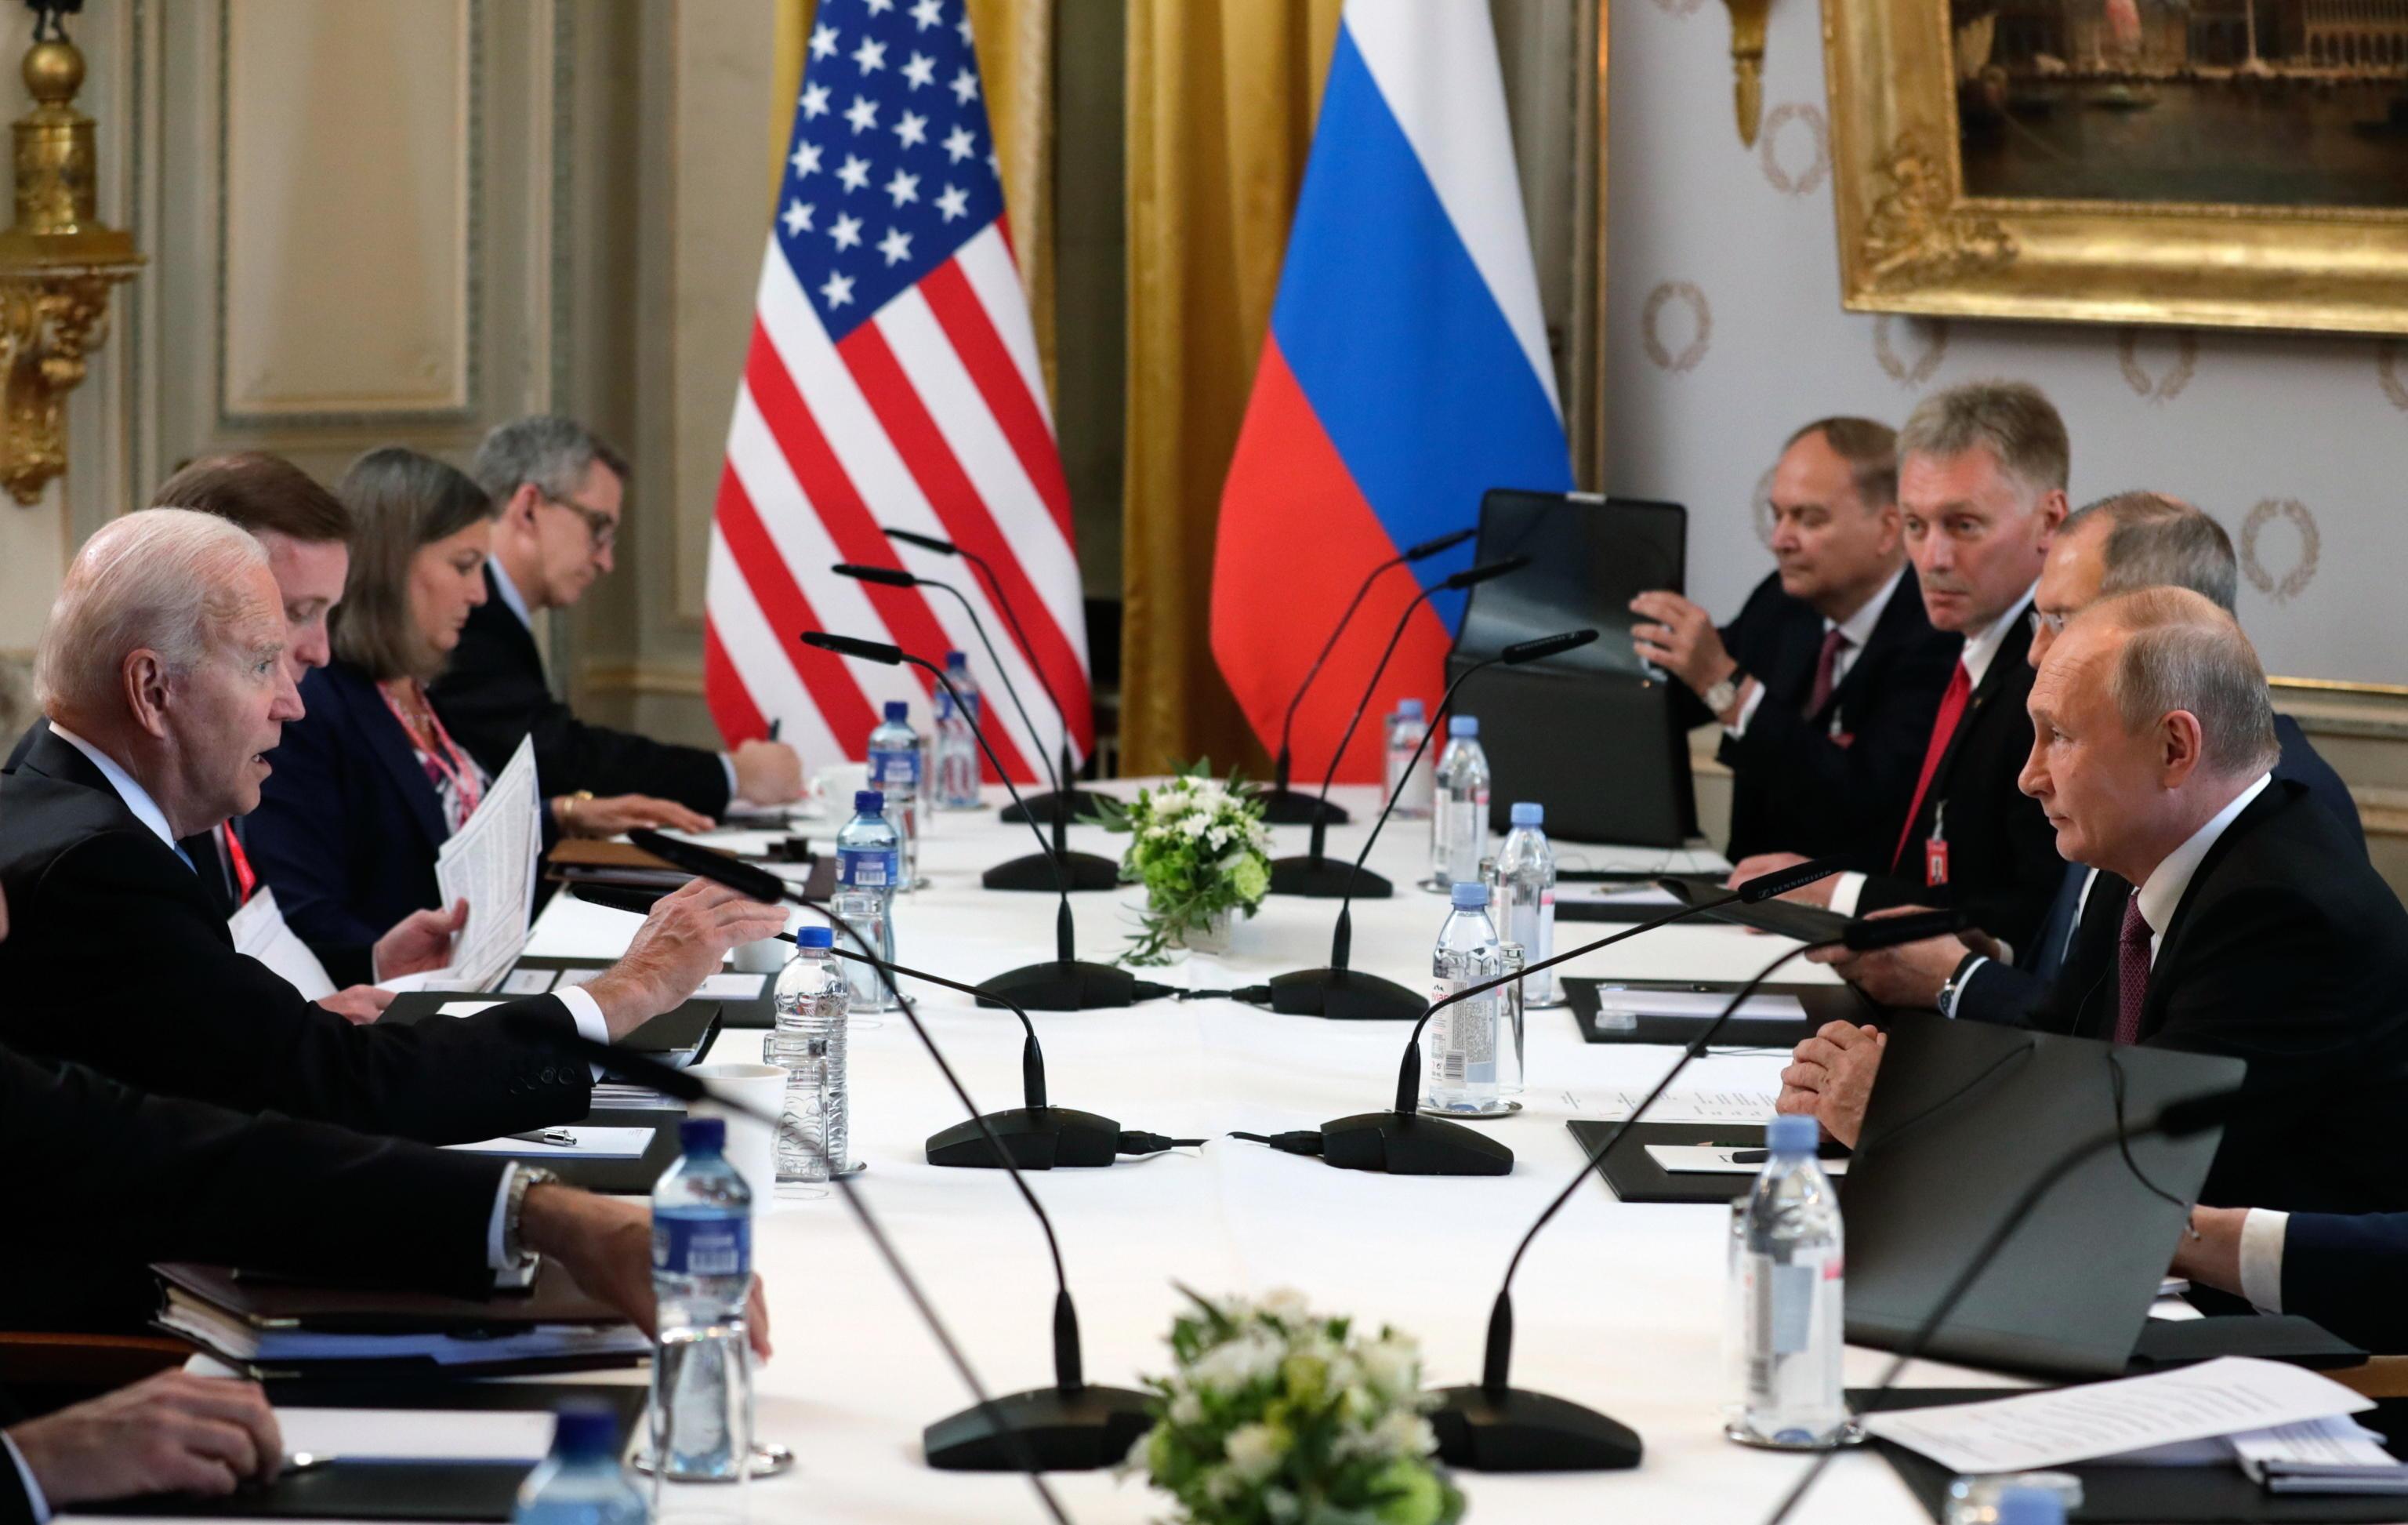 Vertice Putin Biden, il presidente russo: «Meeting costruttivo, c'è accordo per il ritorno degli ambasciatori. Collaboreremo sui cyberattacchi» – Il video